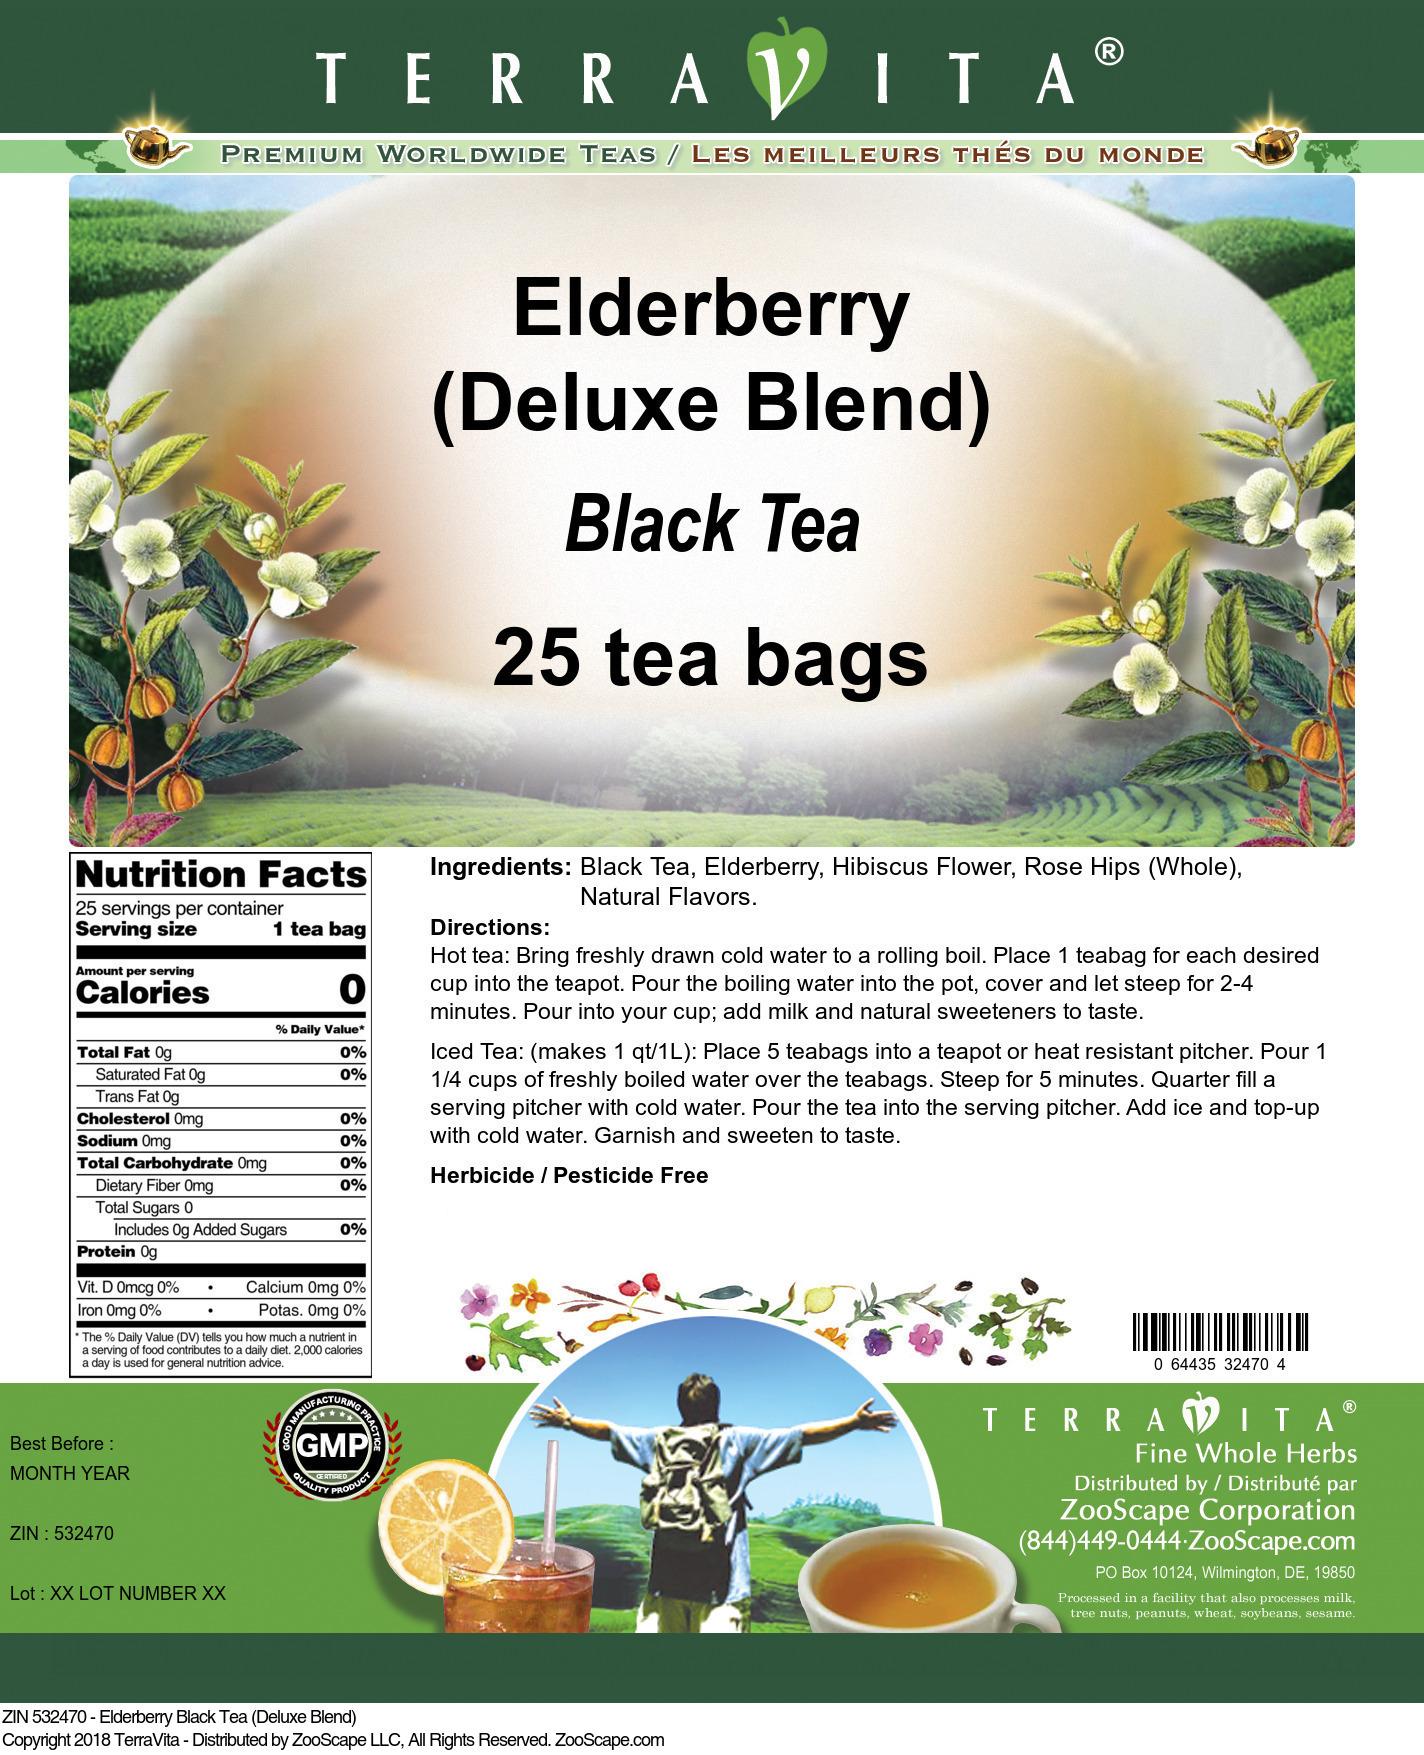 Elderberry Black Tea (Deluxe Blend)